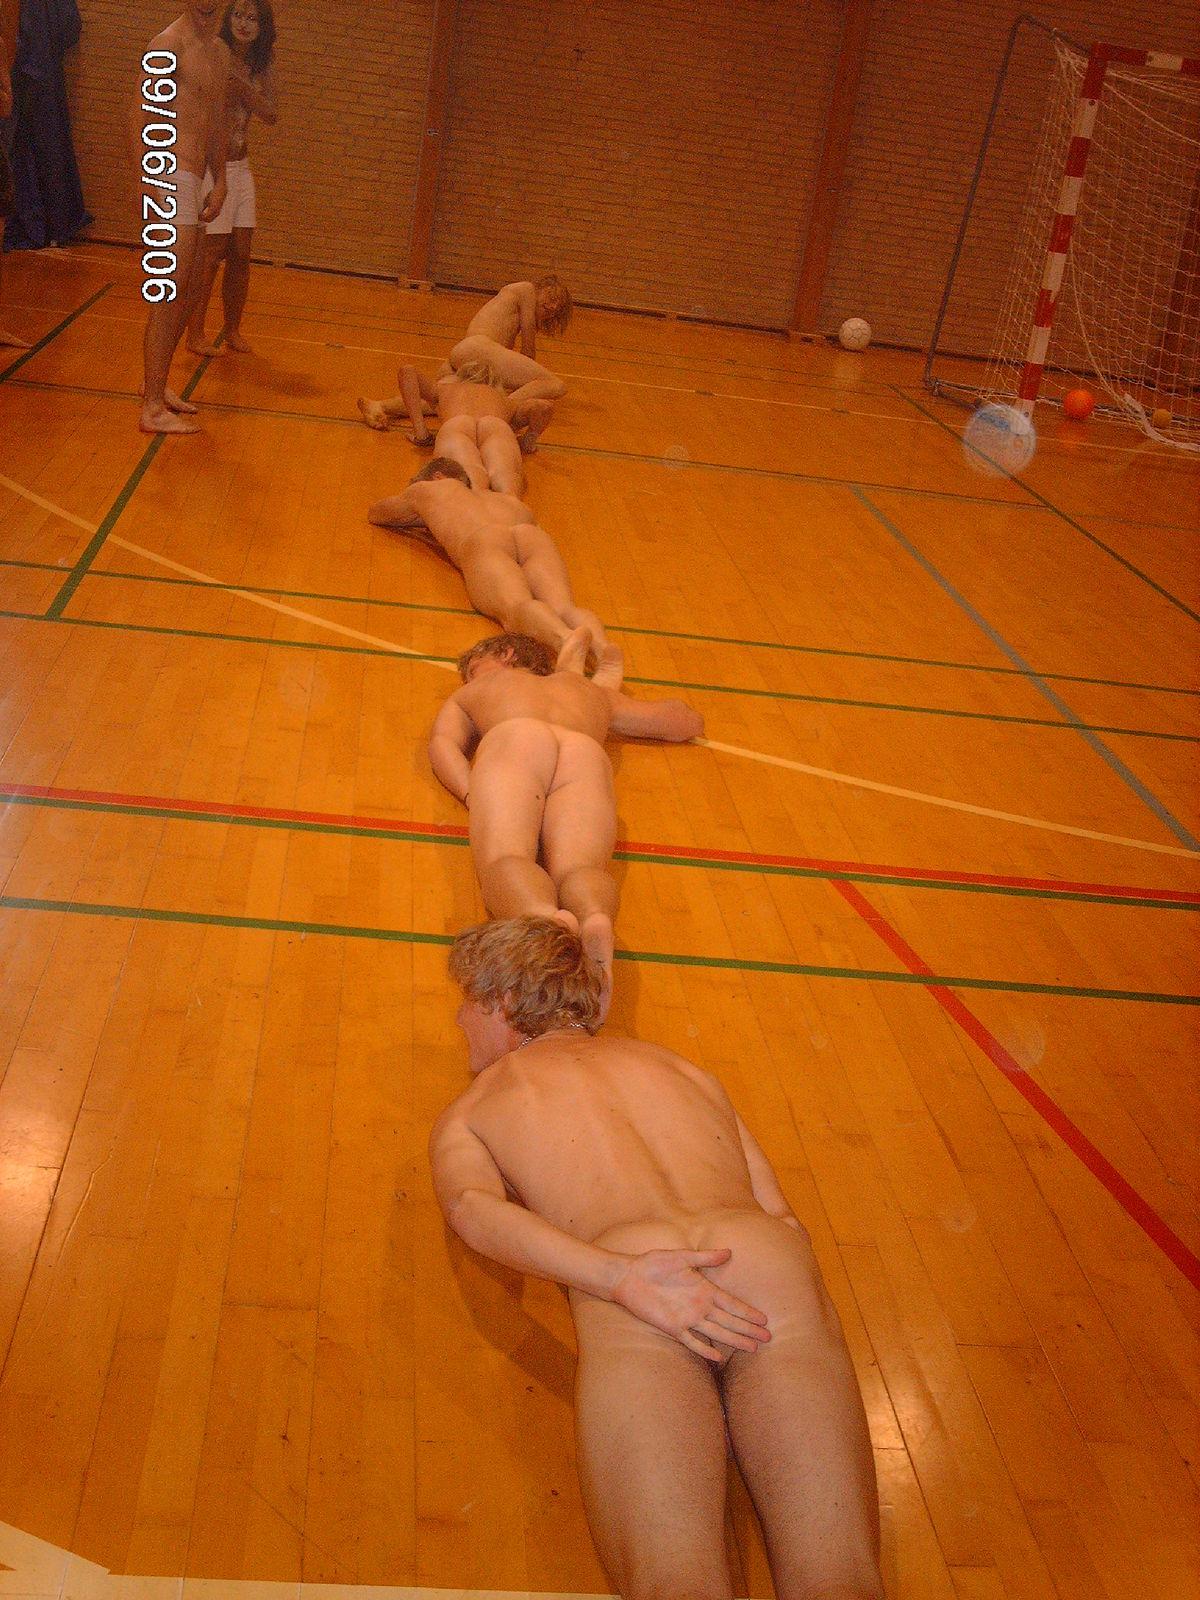 Nude Straight Guys - Photos